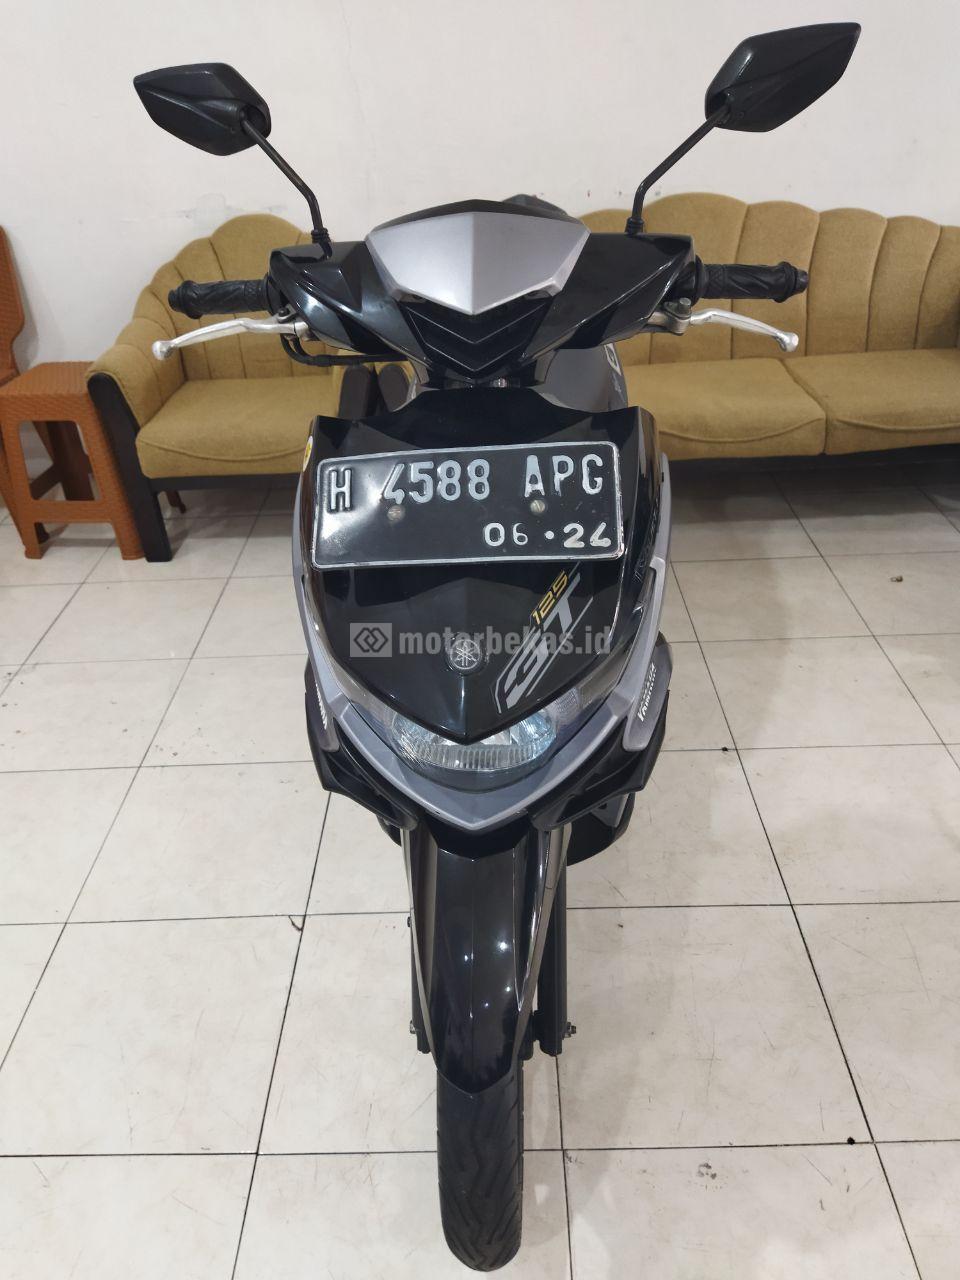 YAMAHA XEON GT 125 FI 1265 motorbekas.id